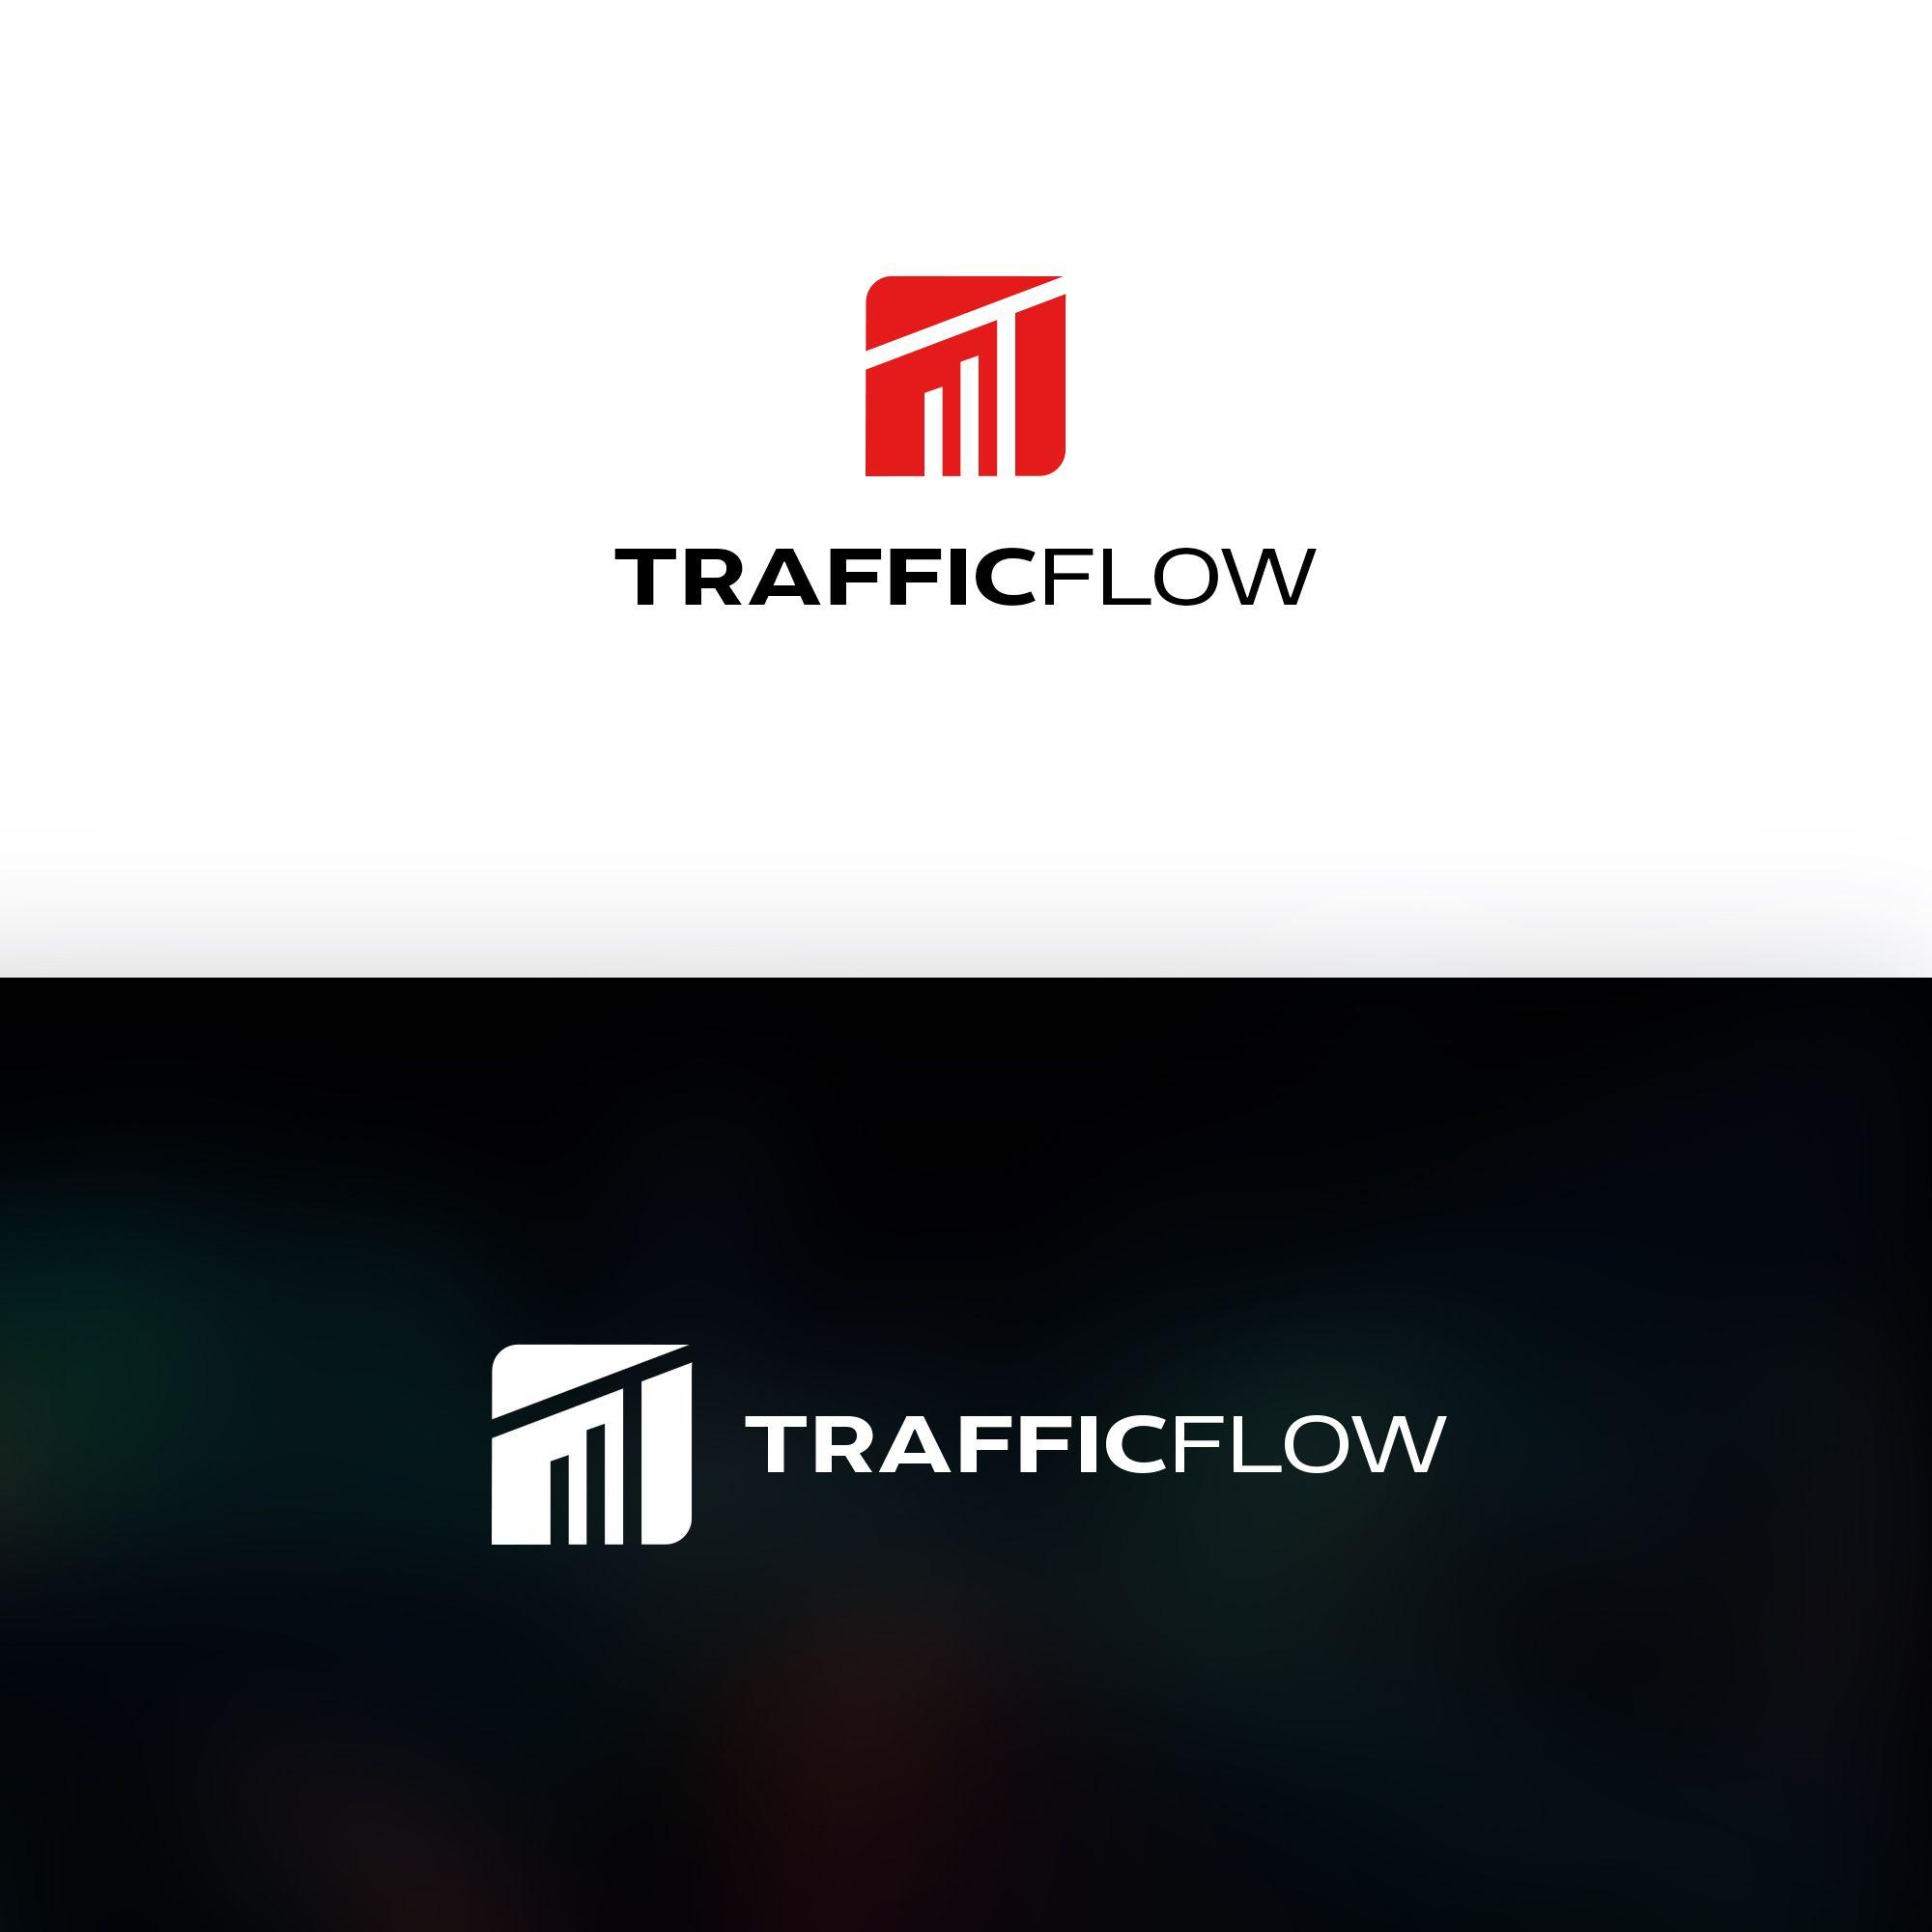 Лого и фирменный стиль для Traffic Flow - дизайнер weste32